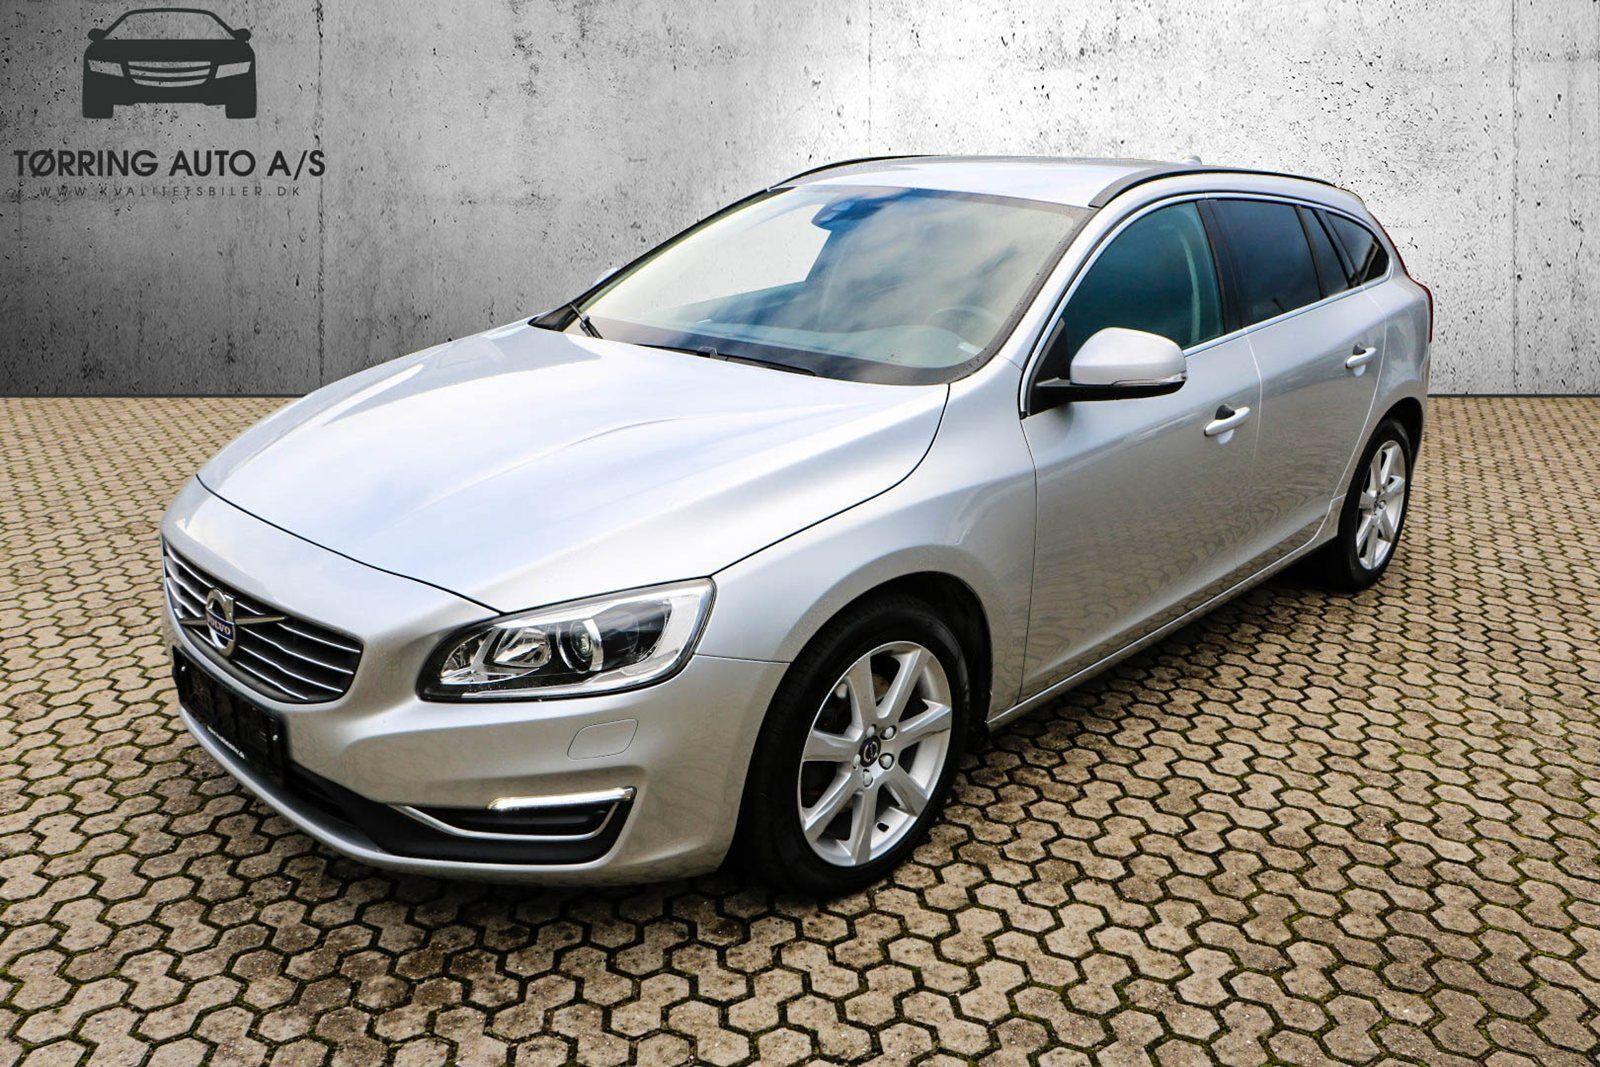 Volvo V60 2,0 D3 150 Momentum 5d - 249.900 kr.